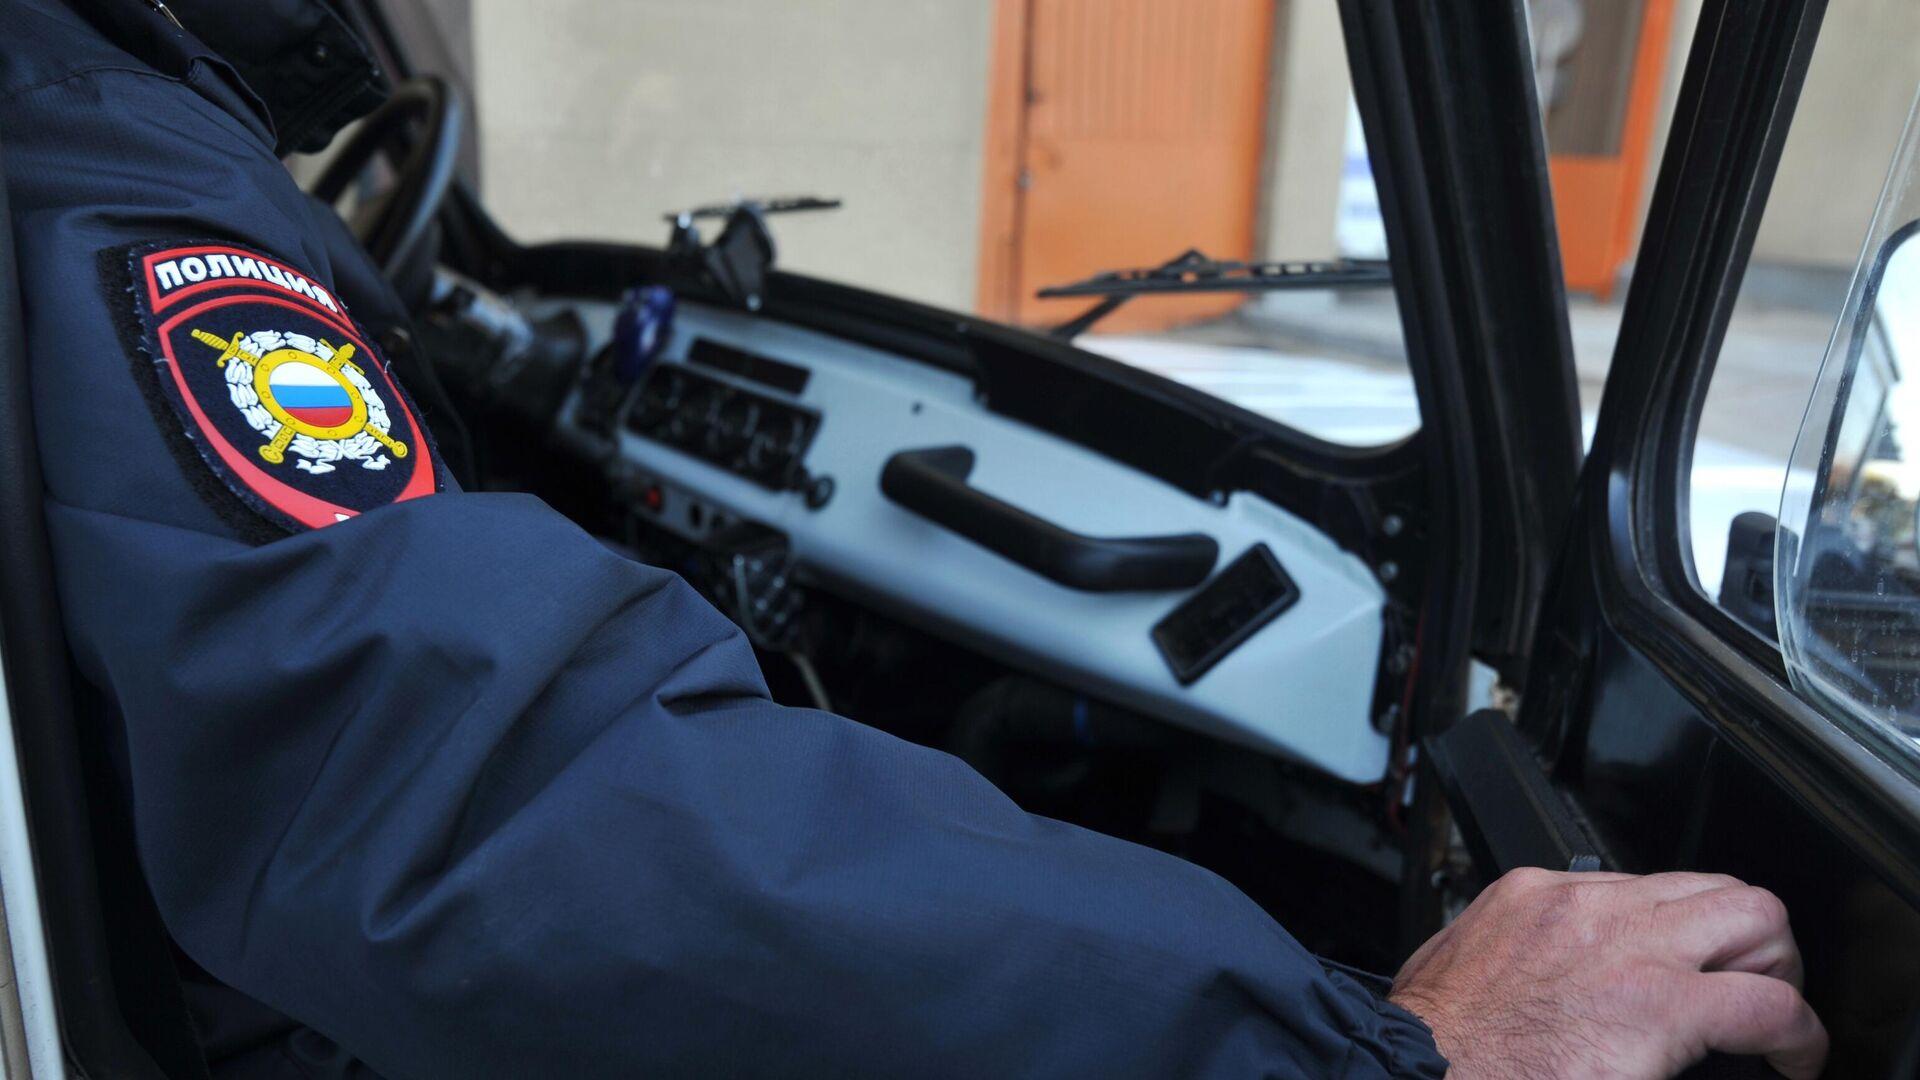 1560081856 0:0:3078:1731 1920x0 80 0 0 6a29fc6418c6b71dc499ff468e09fb39 - В Новосибирске завели уголовное дело против двух чиновников мэрии